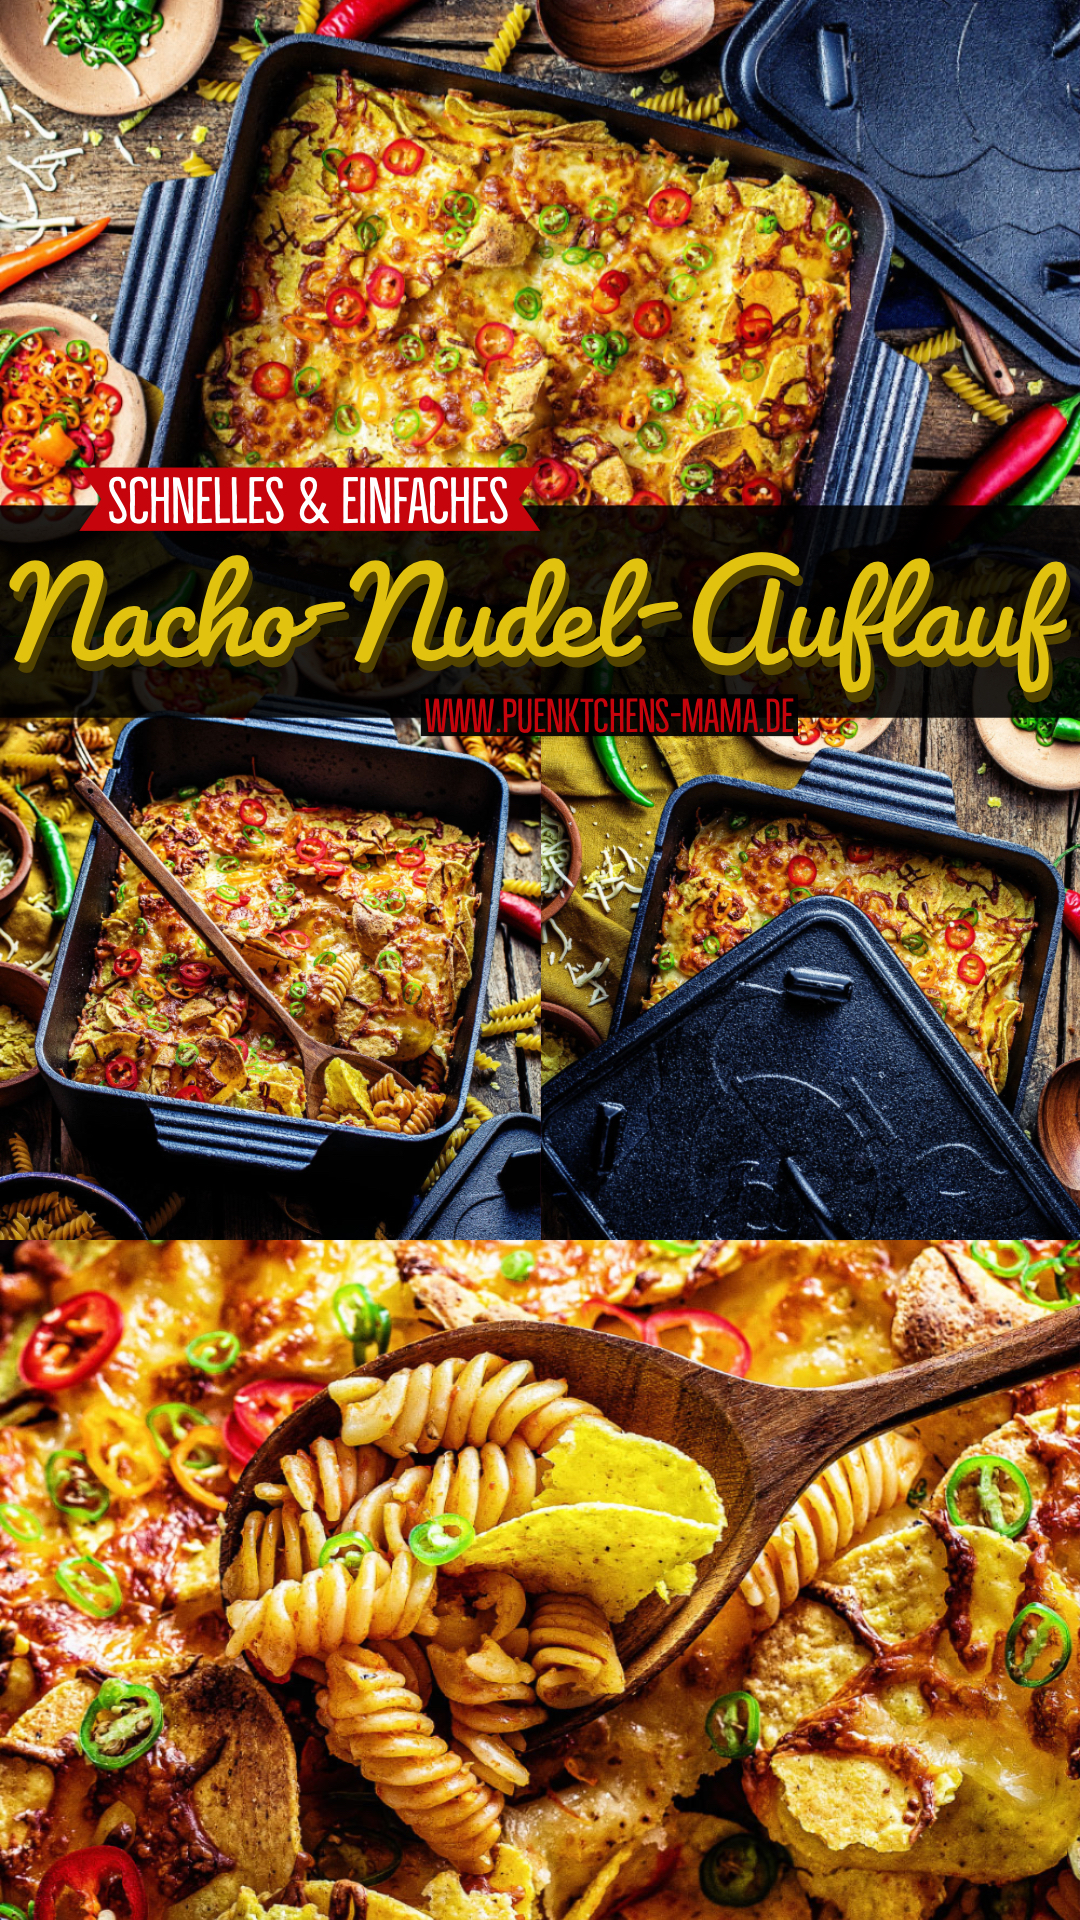 Mexikanischer Nacho-Nudel-Auflauf einfaches Rezept